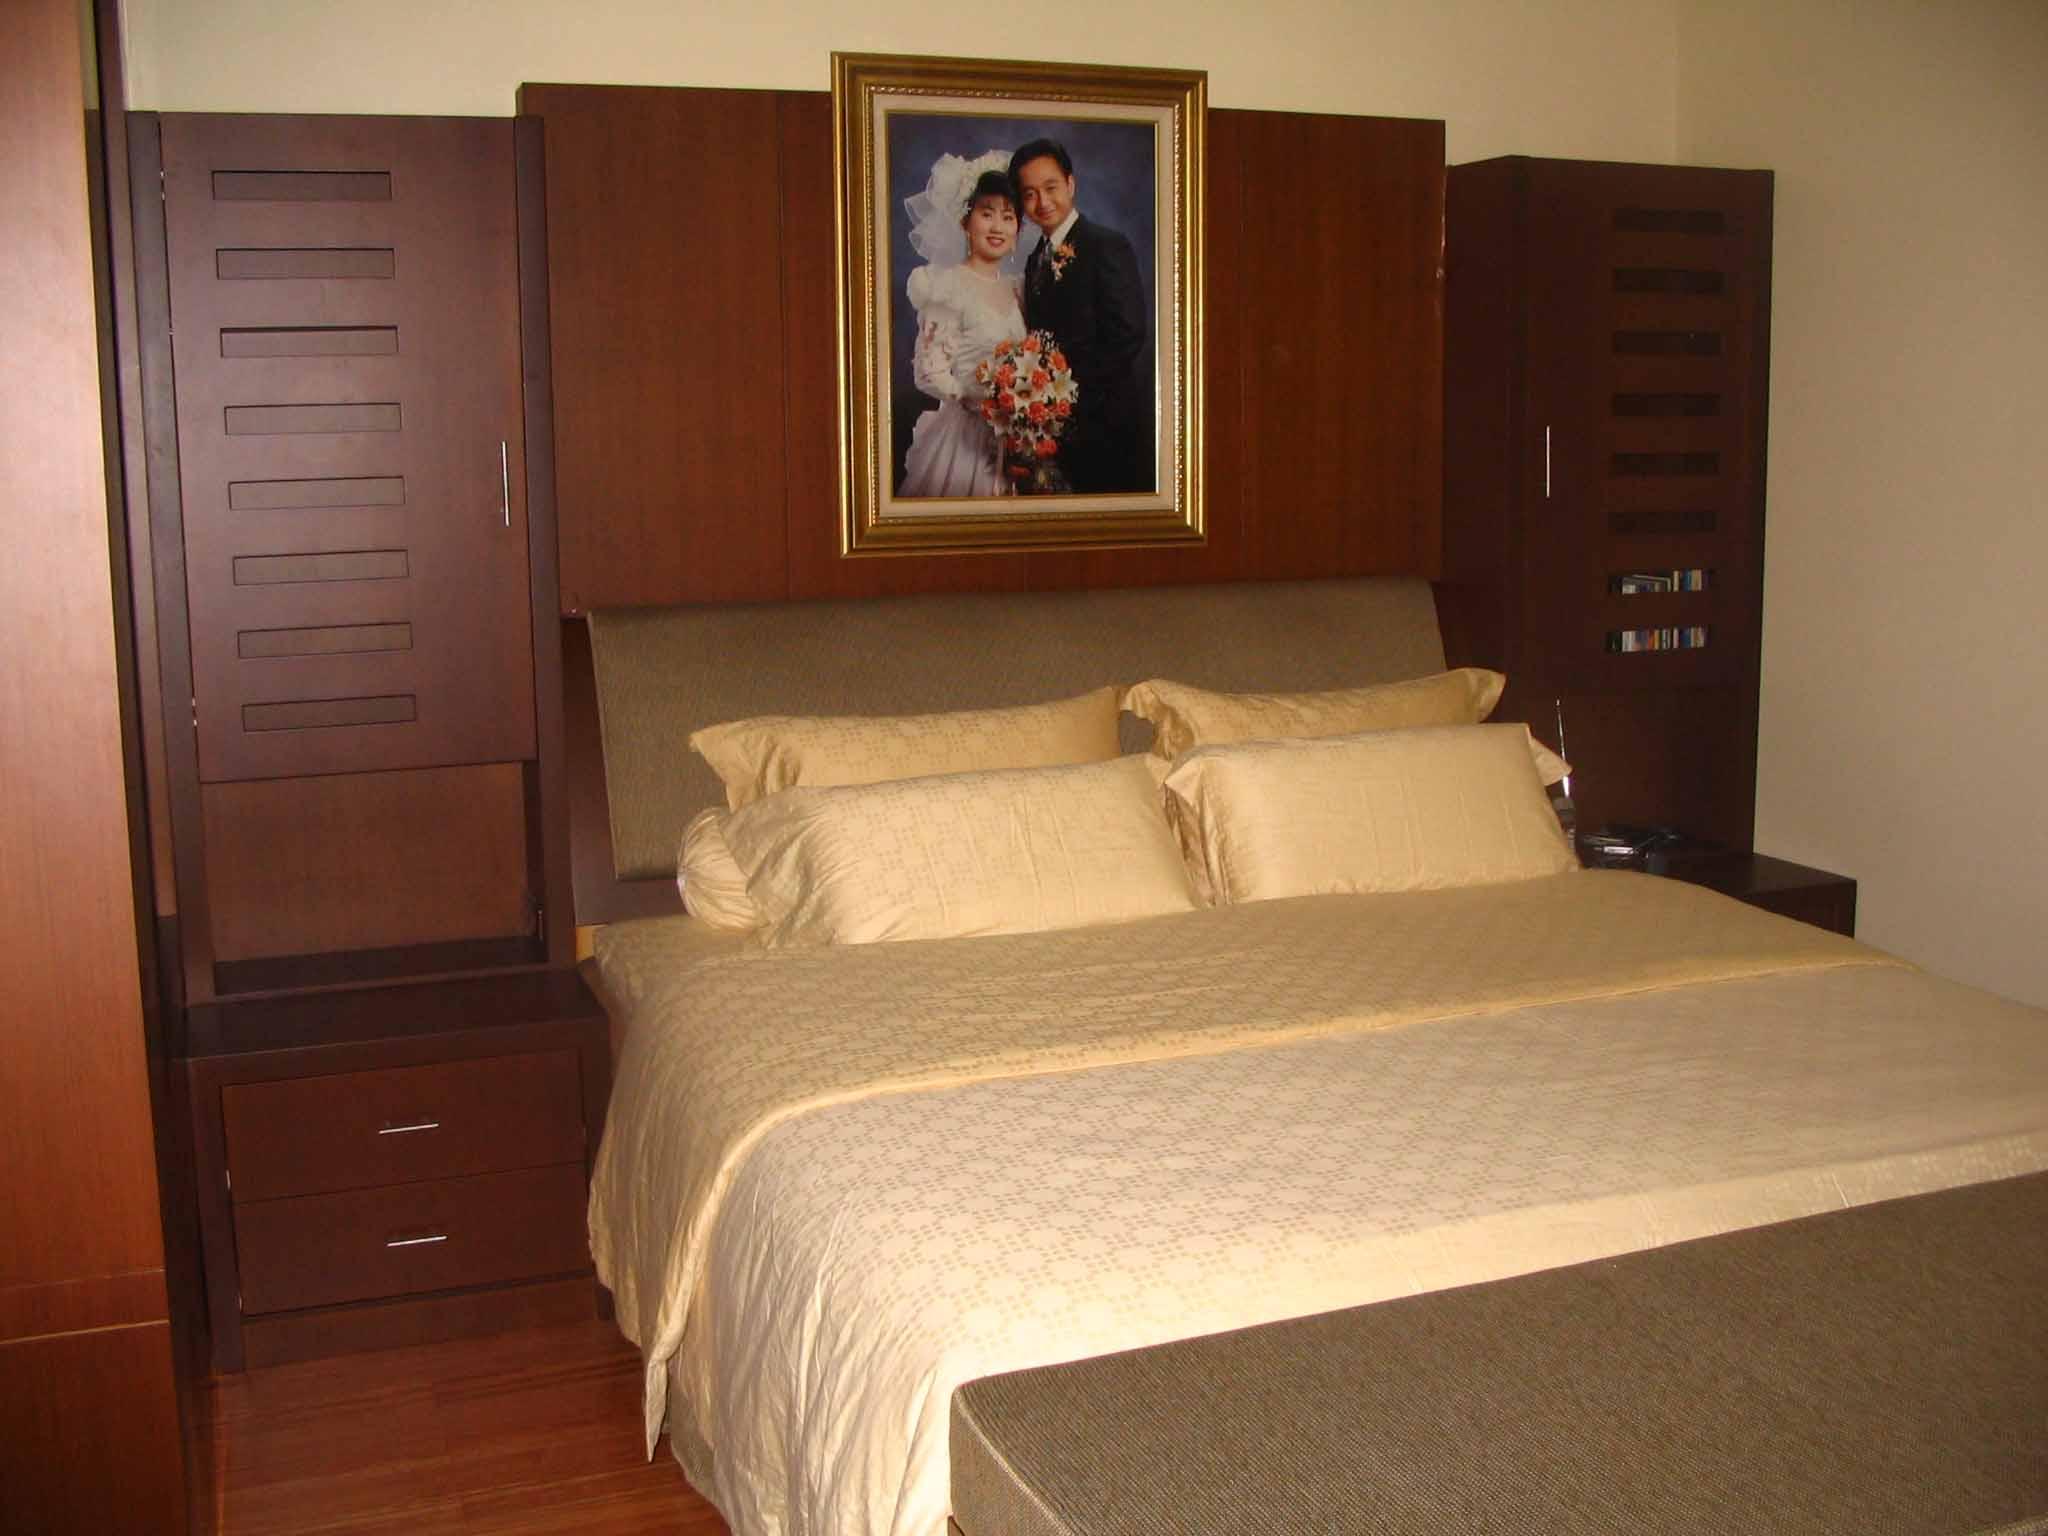 Kamar tidur, furniture mebel interior arsitektur renovasi design rumah